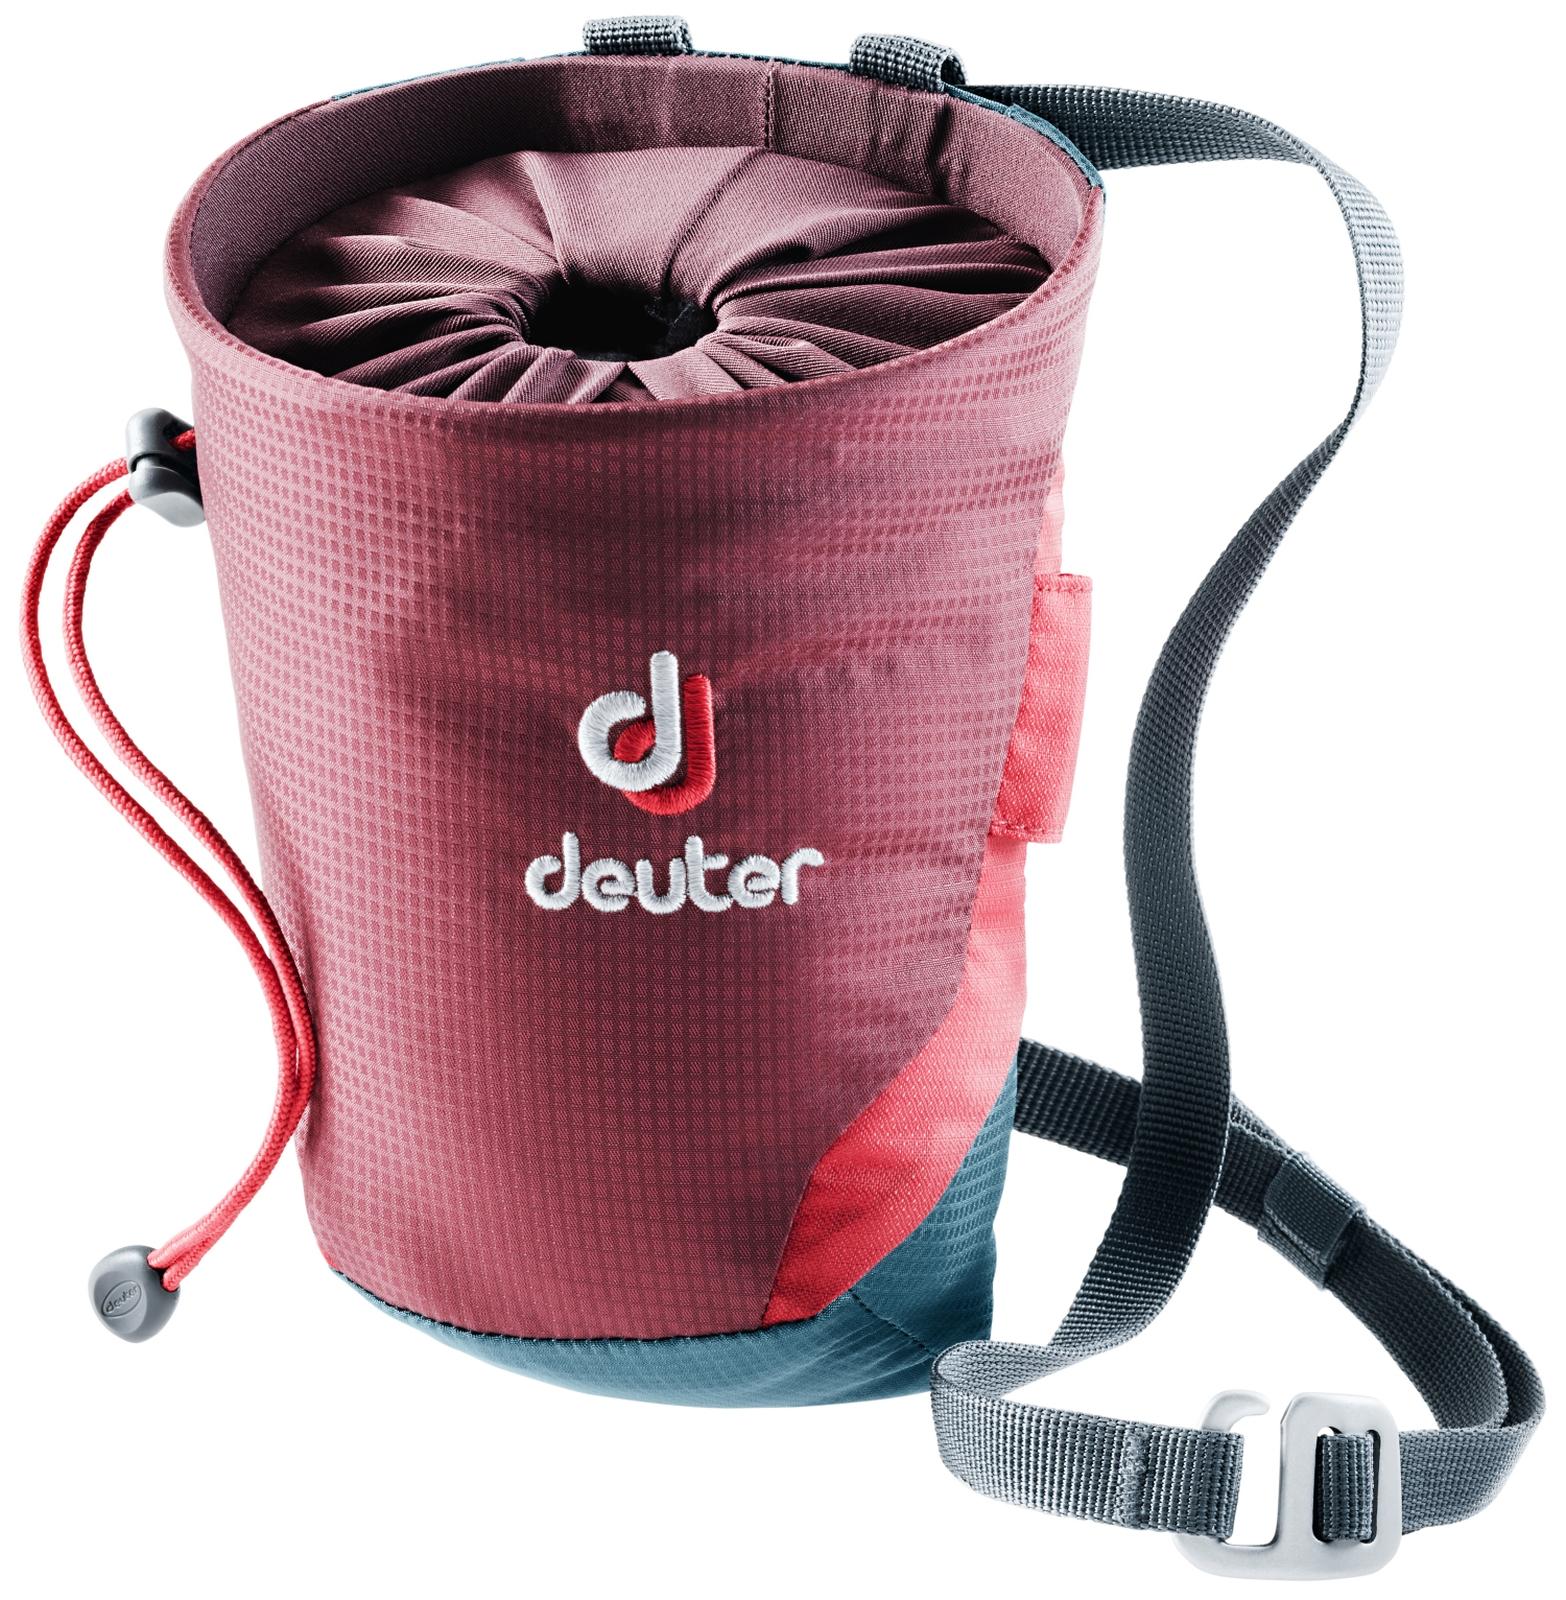 Мешок для магнезии Deuter Gravity Chalk Bag II M, цвет: бордовый